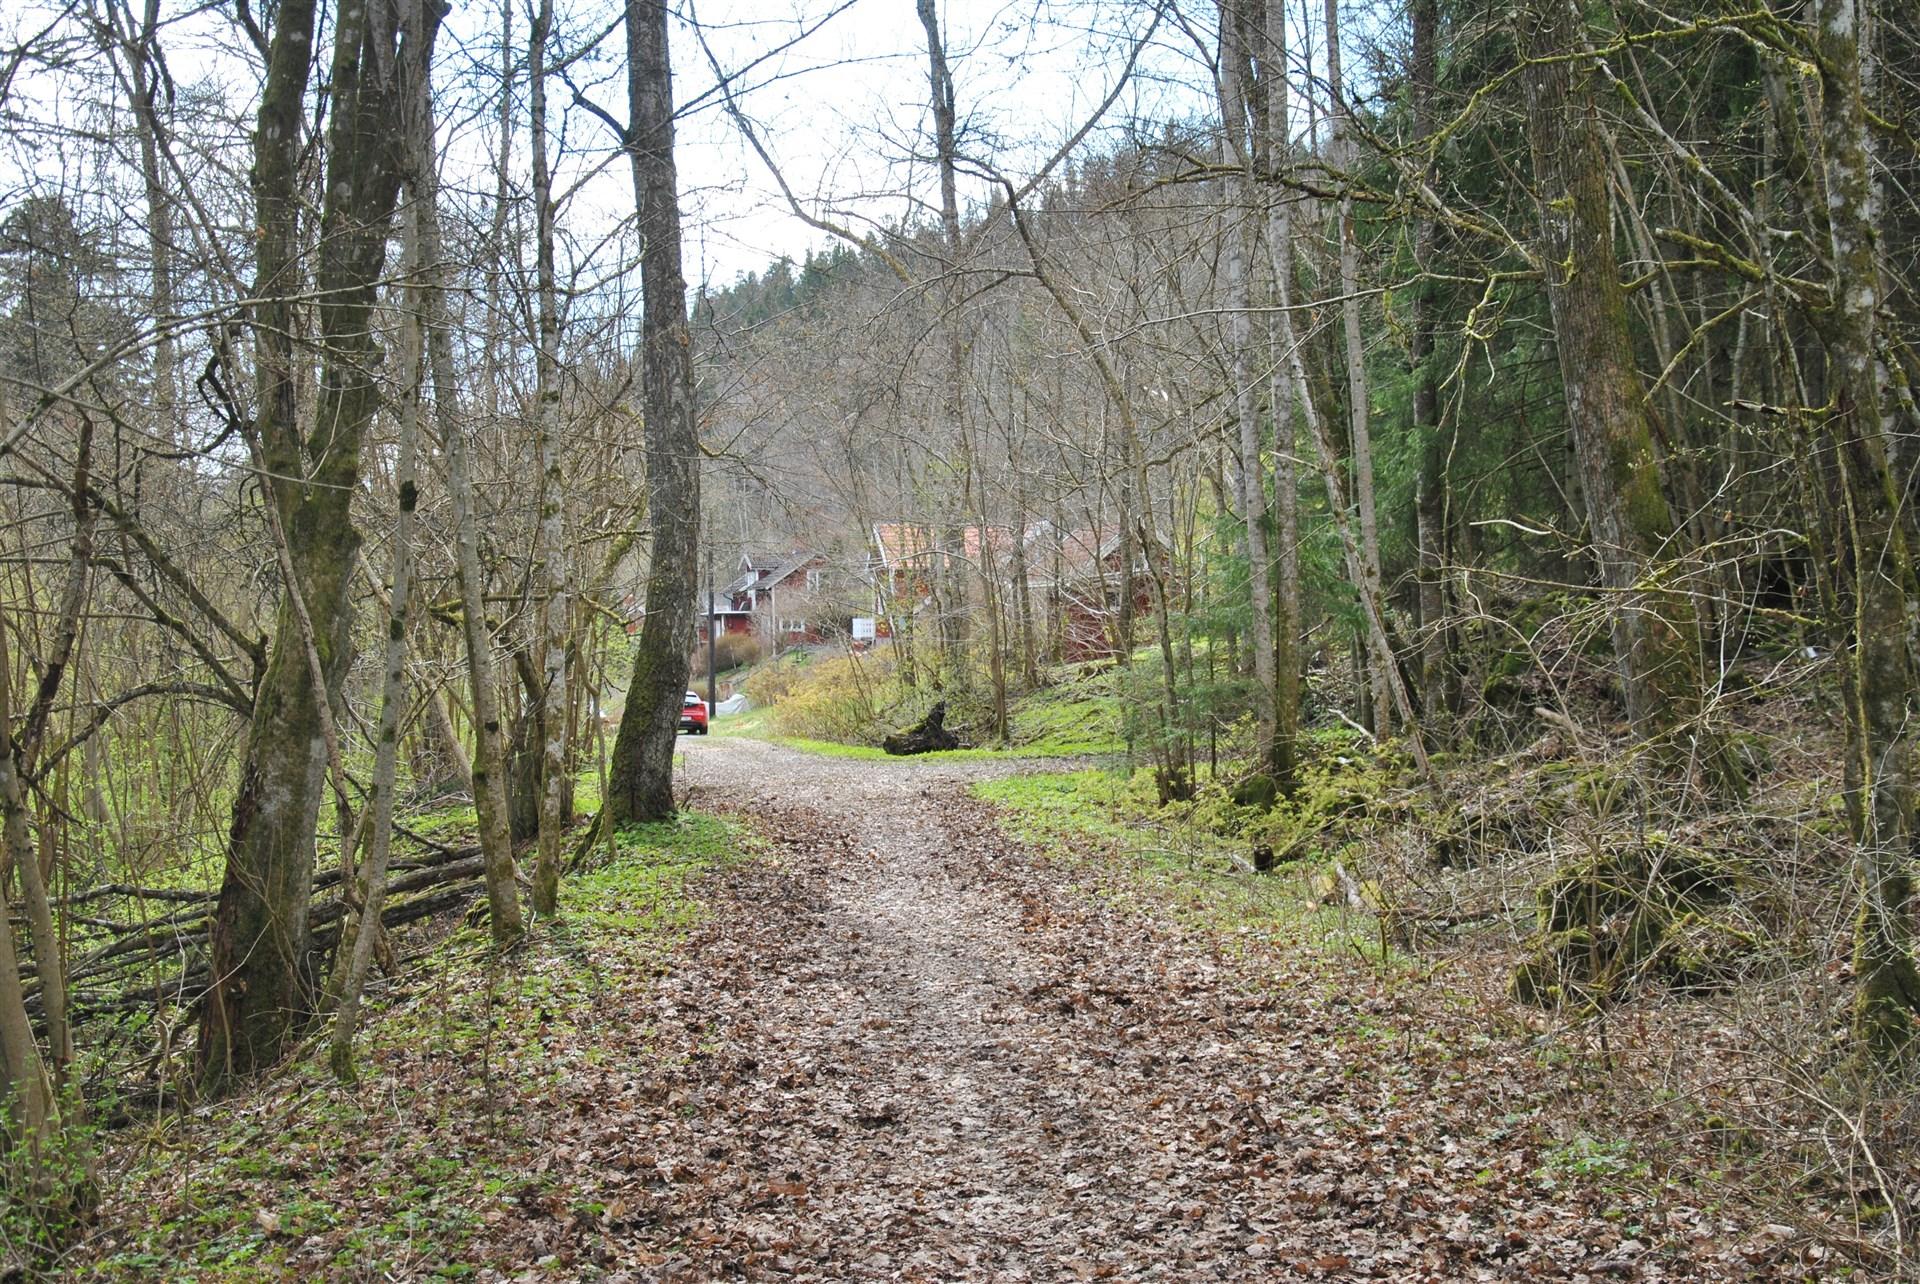 Vägen mot huset (1:a till höger)